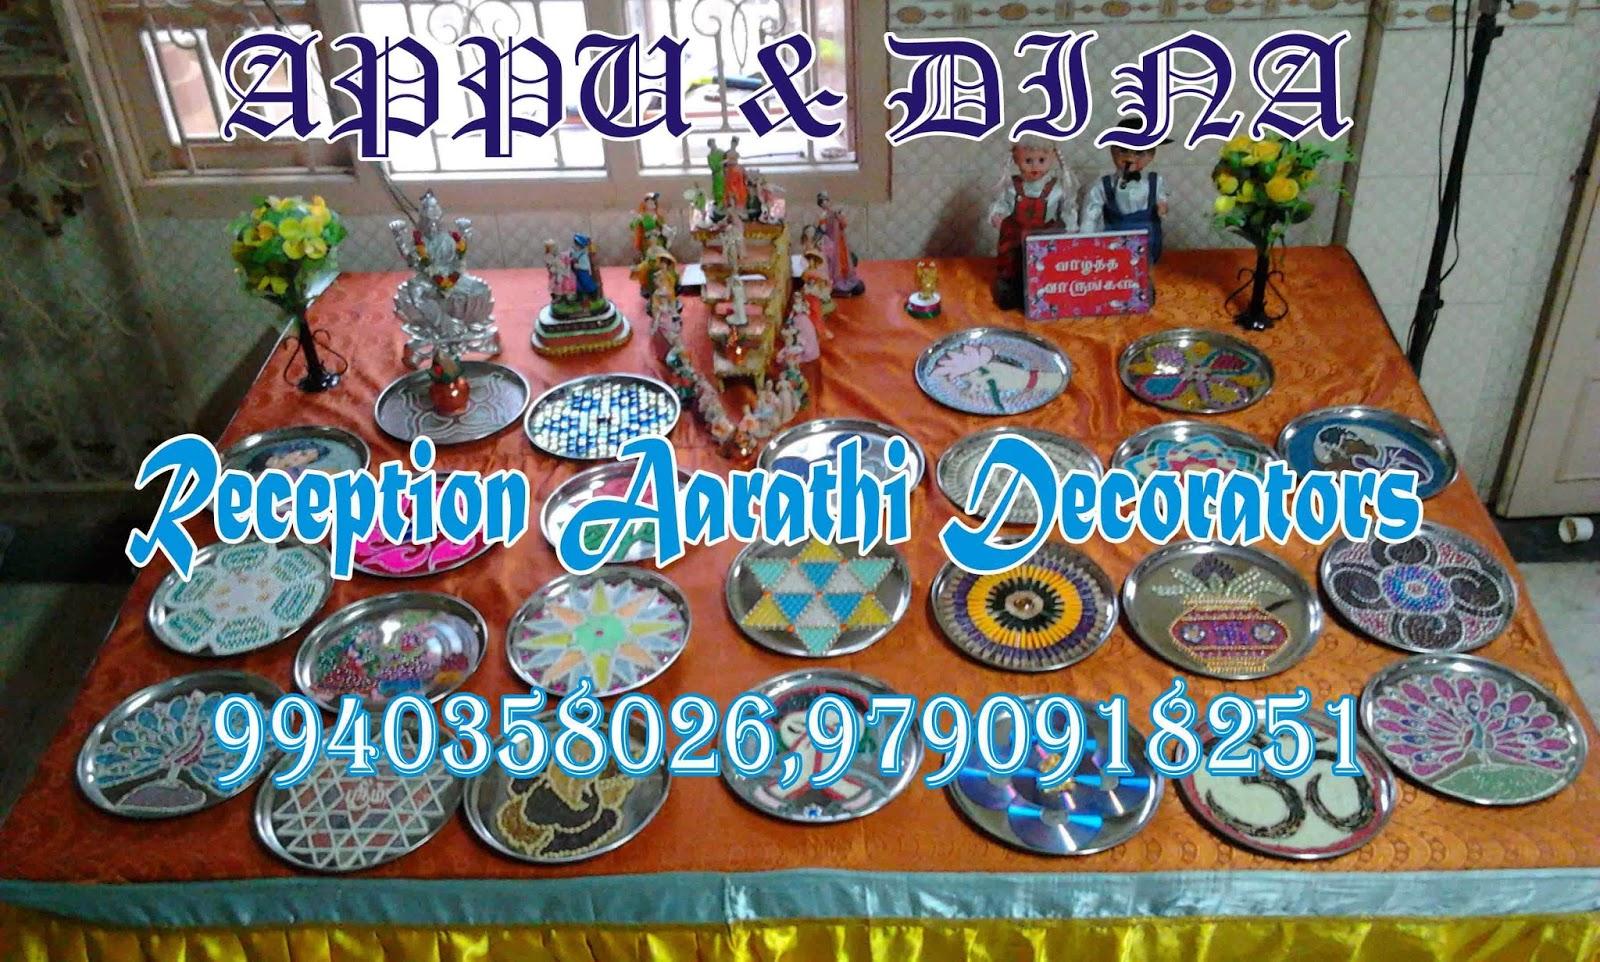 Aarathi Plates